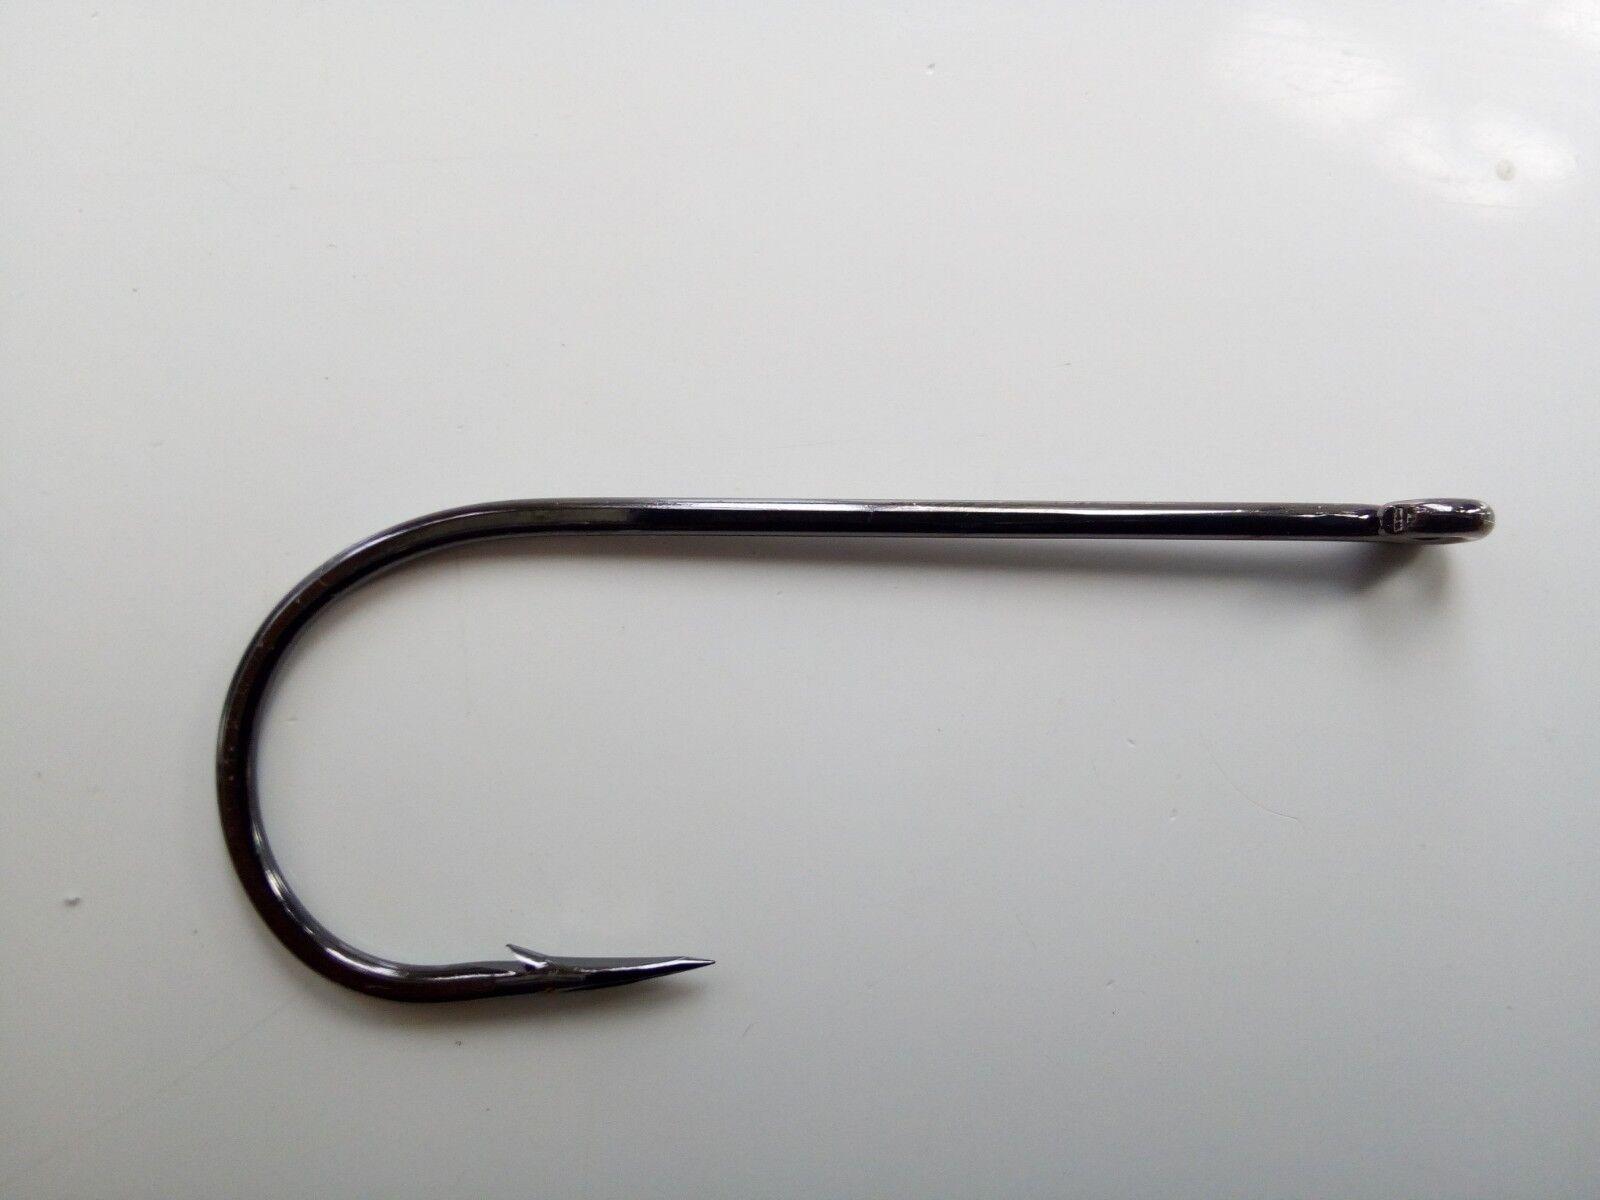 Di alta qualità Wide spalancate Ganci Di Pesca Marittima, Cod, Basso, GRONGO, i raggi 50 200 Ganci